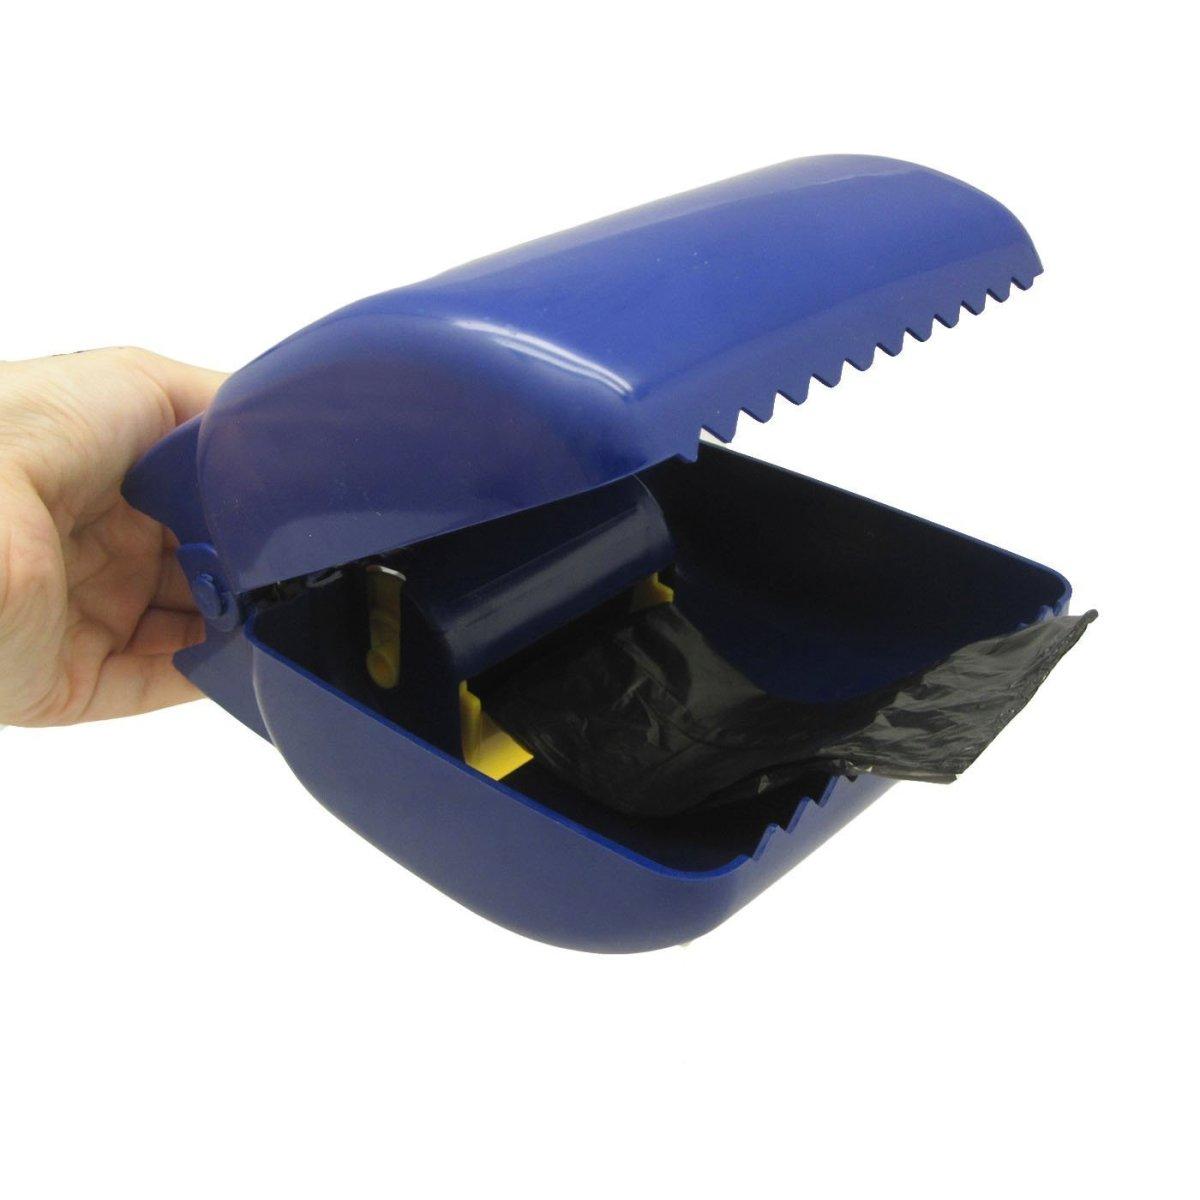 Pet waste pickup tool